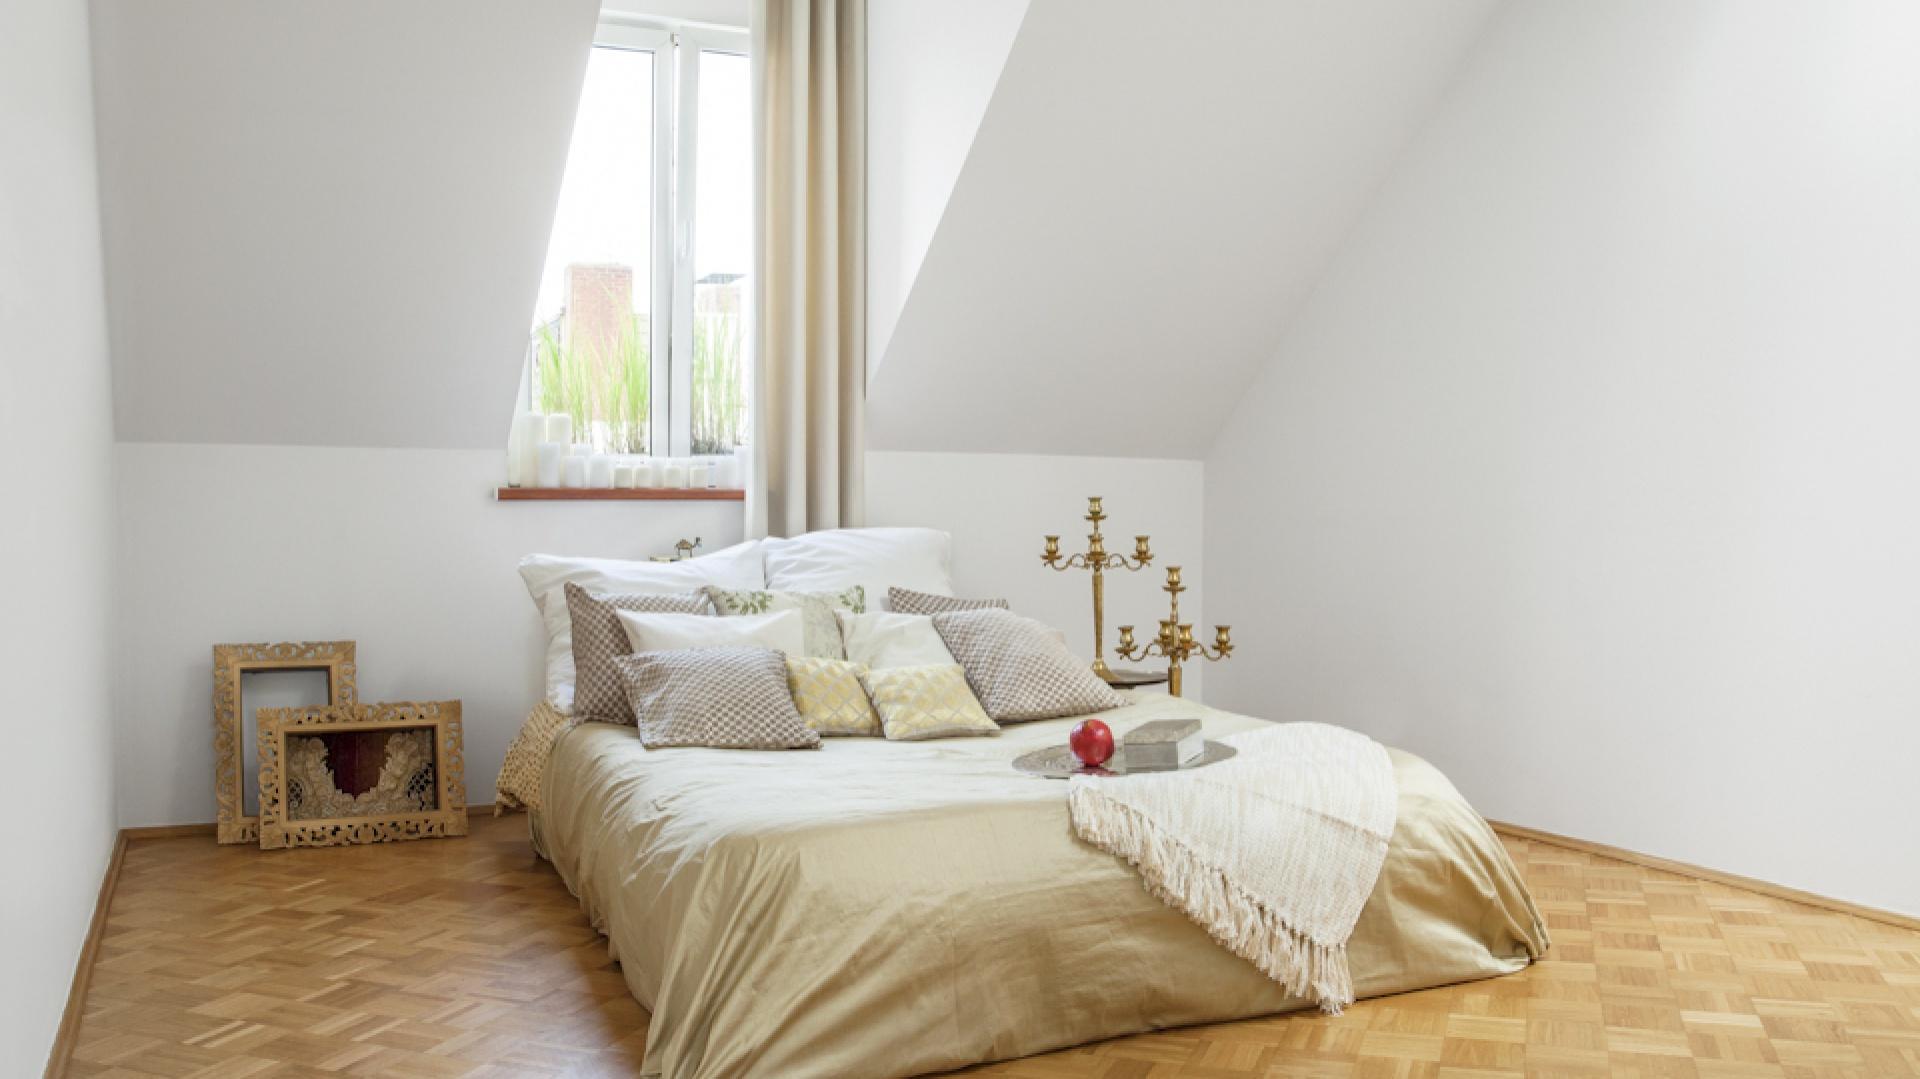 Sypialnia Na Poddaszu Zobacz 12 Ciekawych Aranżacji